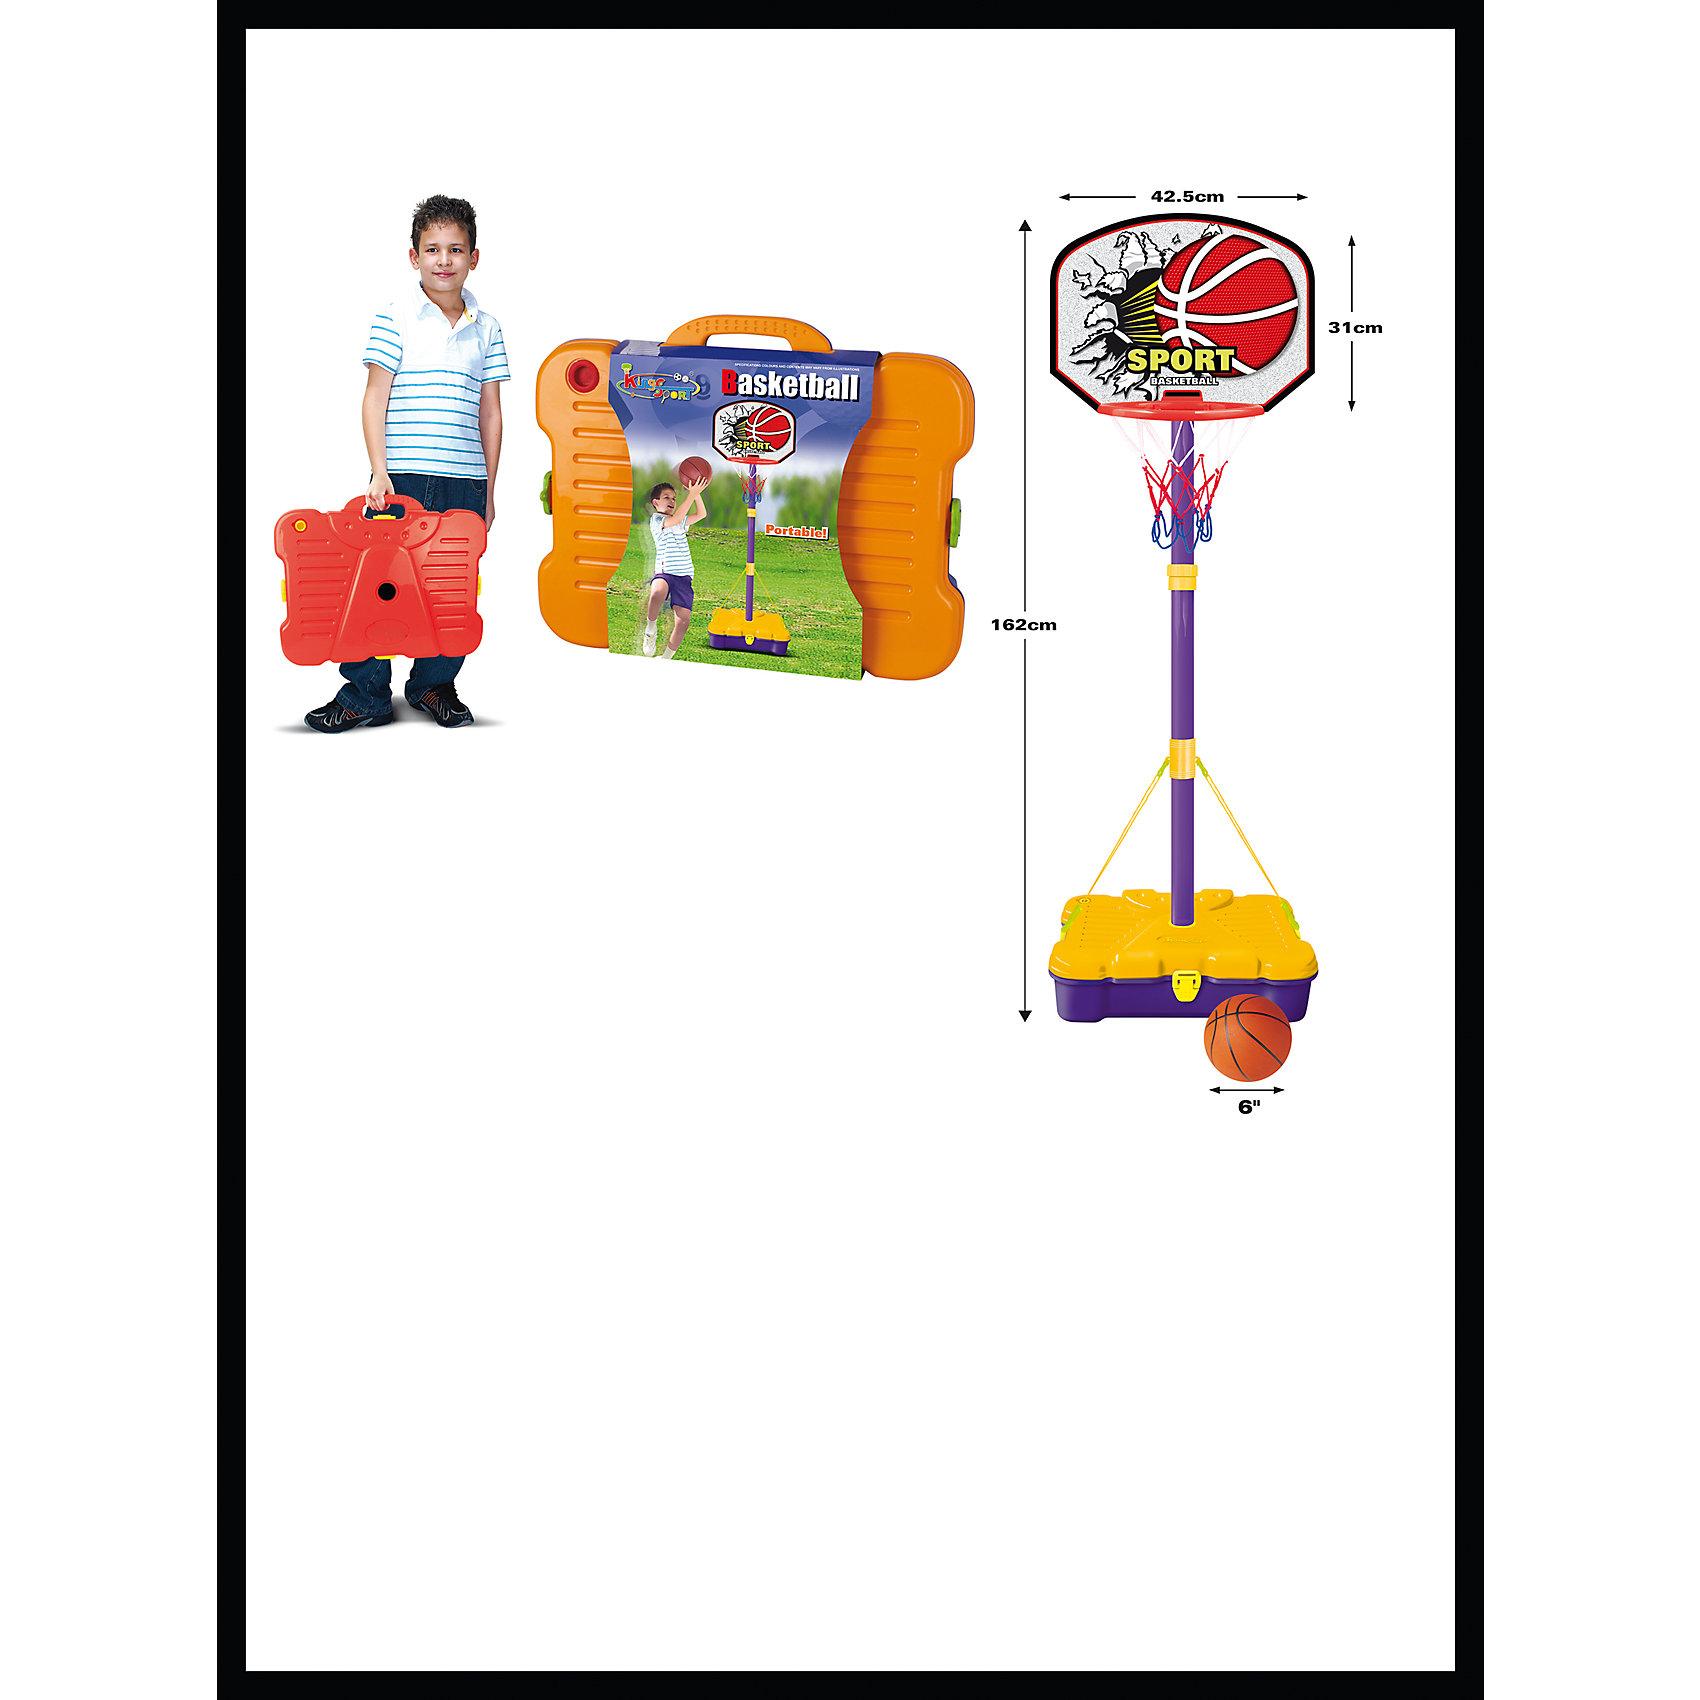 Баскетбольная стойка, KingSportОсновные характеристики<br><br>Сборно-разборная конструкция<br>Регулируемая высота: 90 - 162см<br>Размер щита: 42,5х31см<br>Мяч: (диаметр - 15см)<br>Удобный кейс для перемещения<br>Материал: полипропилен, сталь<br>Вес: 1,68кг<br>Страна-производитель: Китай <br>Упаковка: пластиковый кейс <br>Габариты изделия в упаковке: 47х13х37см<br><br>Стойка баскетбольная TX31297 - это набор для начинающих маленьких спортсменов. Благодаря стойке ребенок будет развивать координацию движений, ловкость, сноровку.<br><br>Ширина мм: 130<br>Глубина мм: 410<br>Высота мм: 370<br>Вес г: 1675<br>Возраст от месяцев: 36<br>Возраст до месяцев: 192<br>Пол: Унисекс<br>Возраст: Детский<br>SKU: 5056660